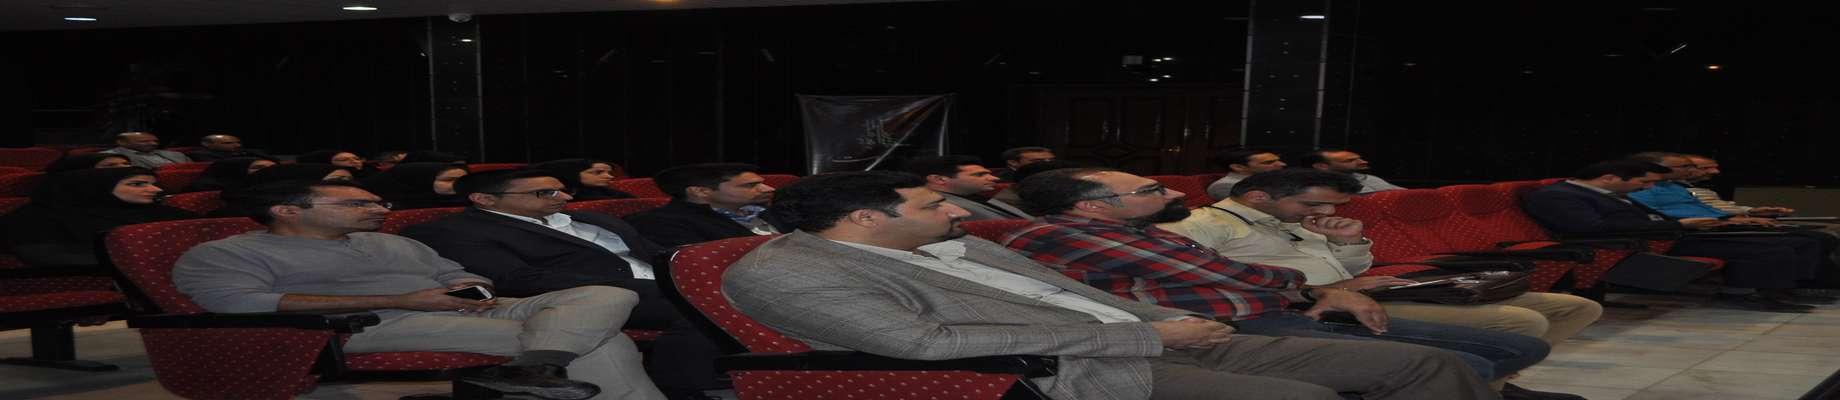 برگزاری دوره آموزشي حفاظت گفتار با محوریت امنیت ملی در اداره کل راه و شهرسازی خراسان رضوی